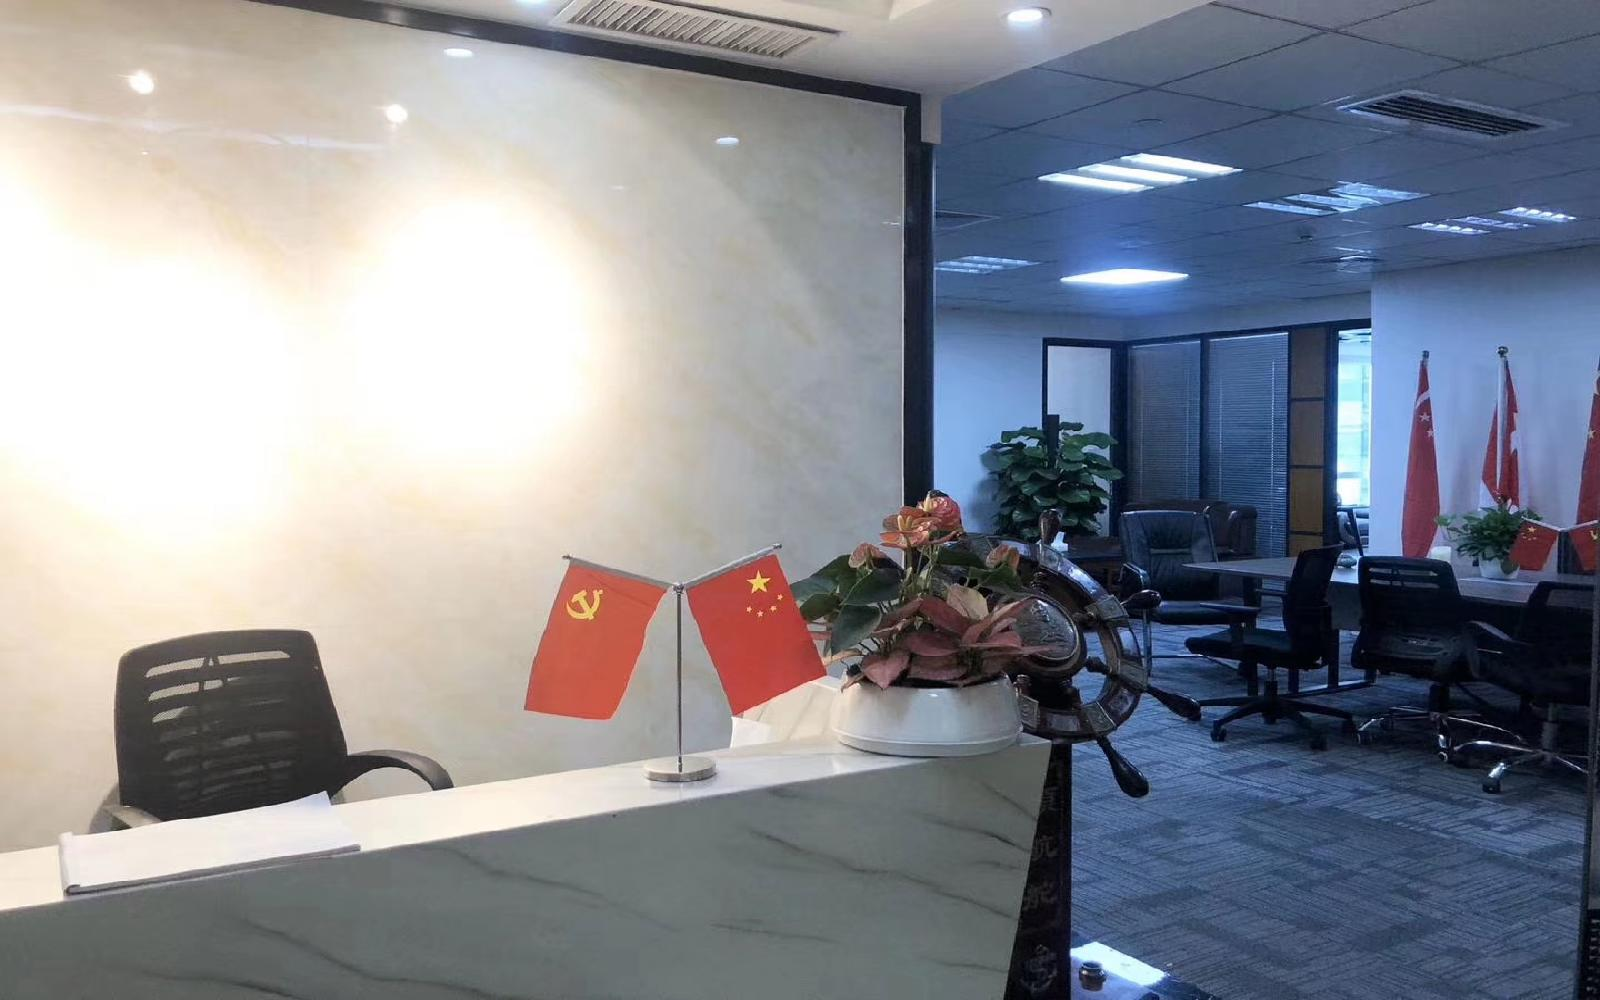 南山-科技园 华润城大冲商务中心 745m²